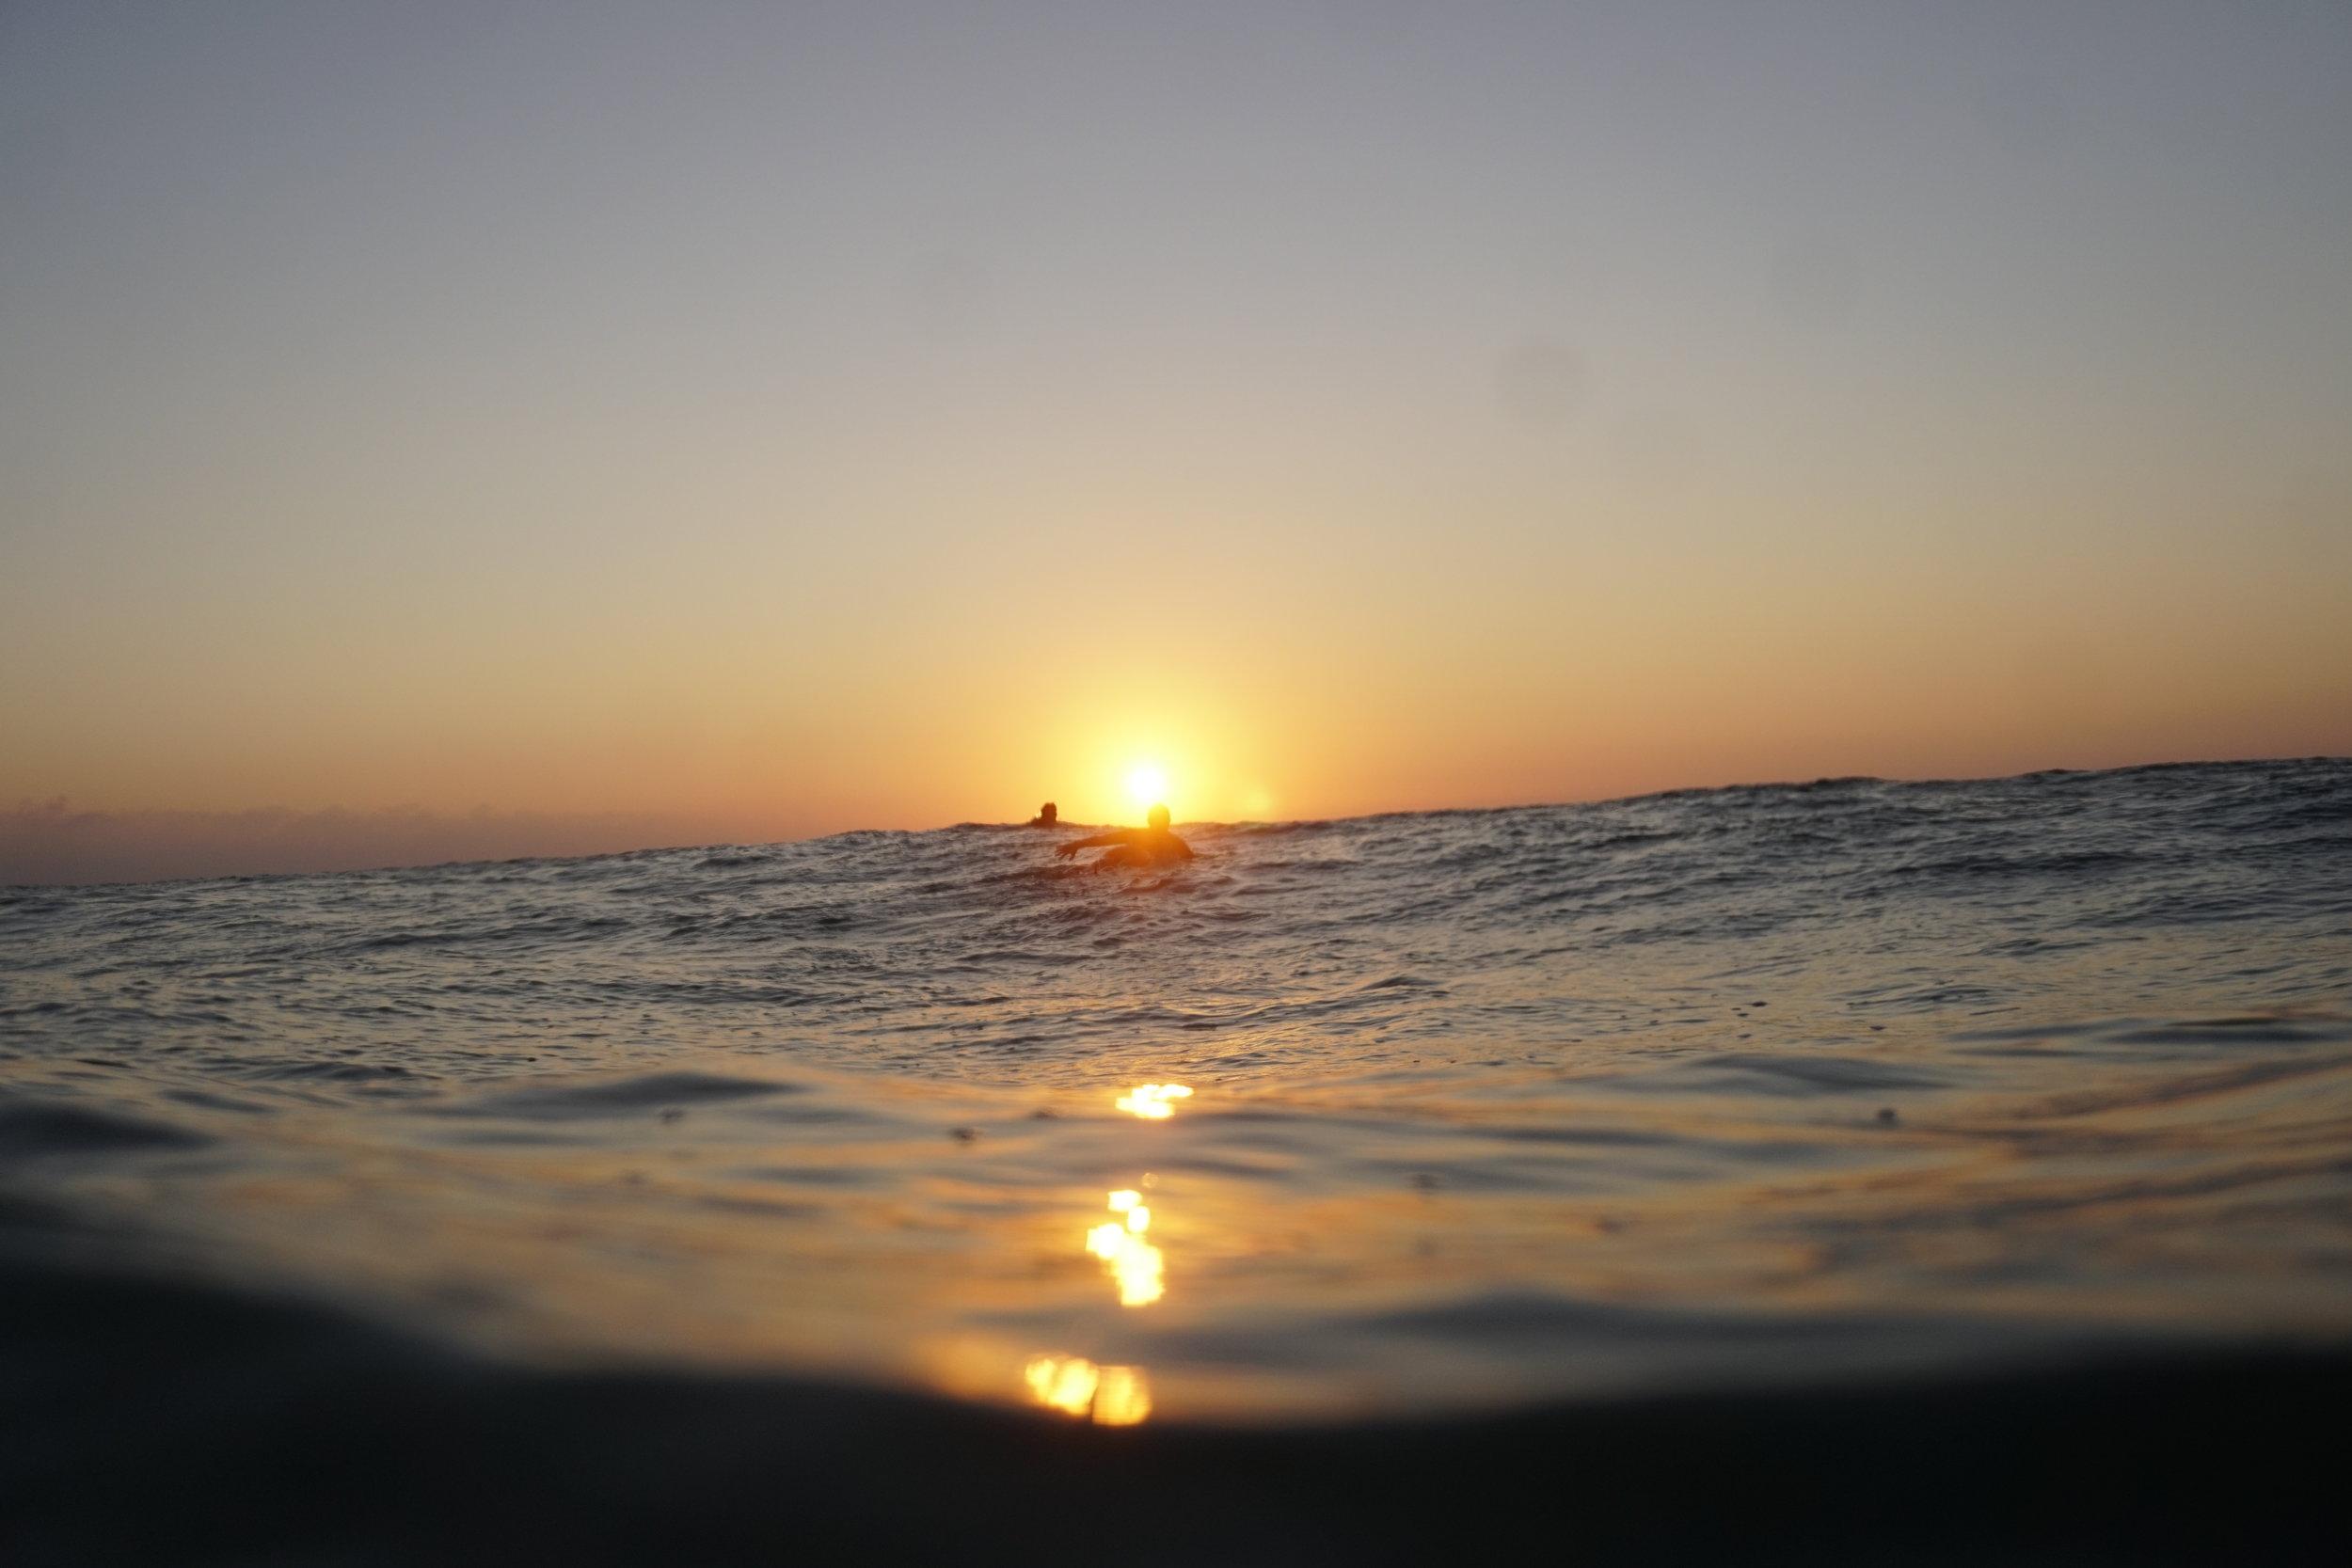 Sunset scenes in Seignosse (Photo credit Tom Temp)